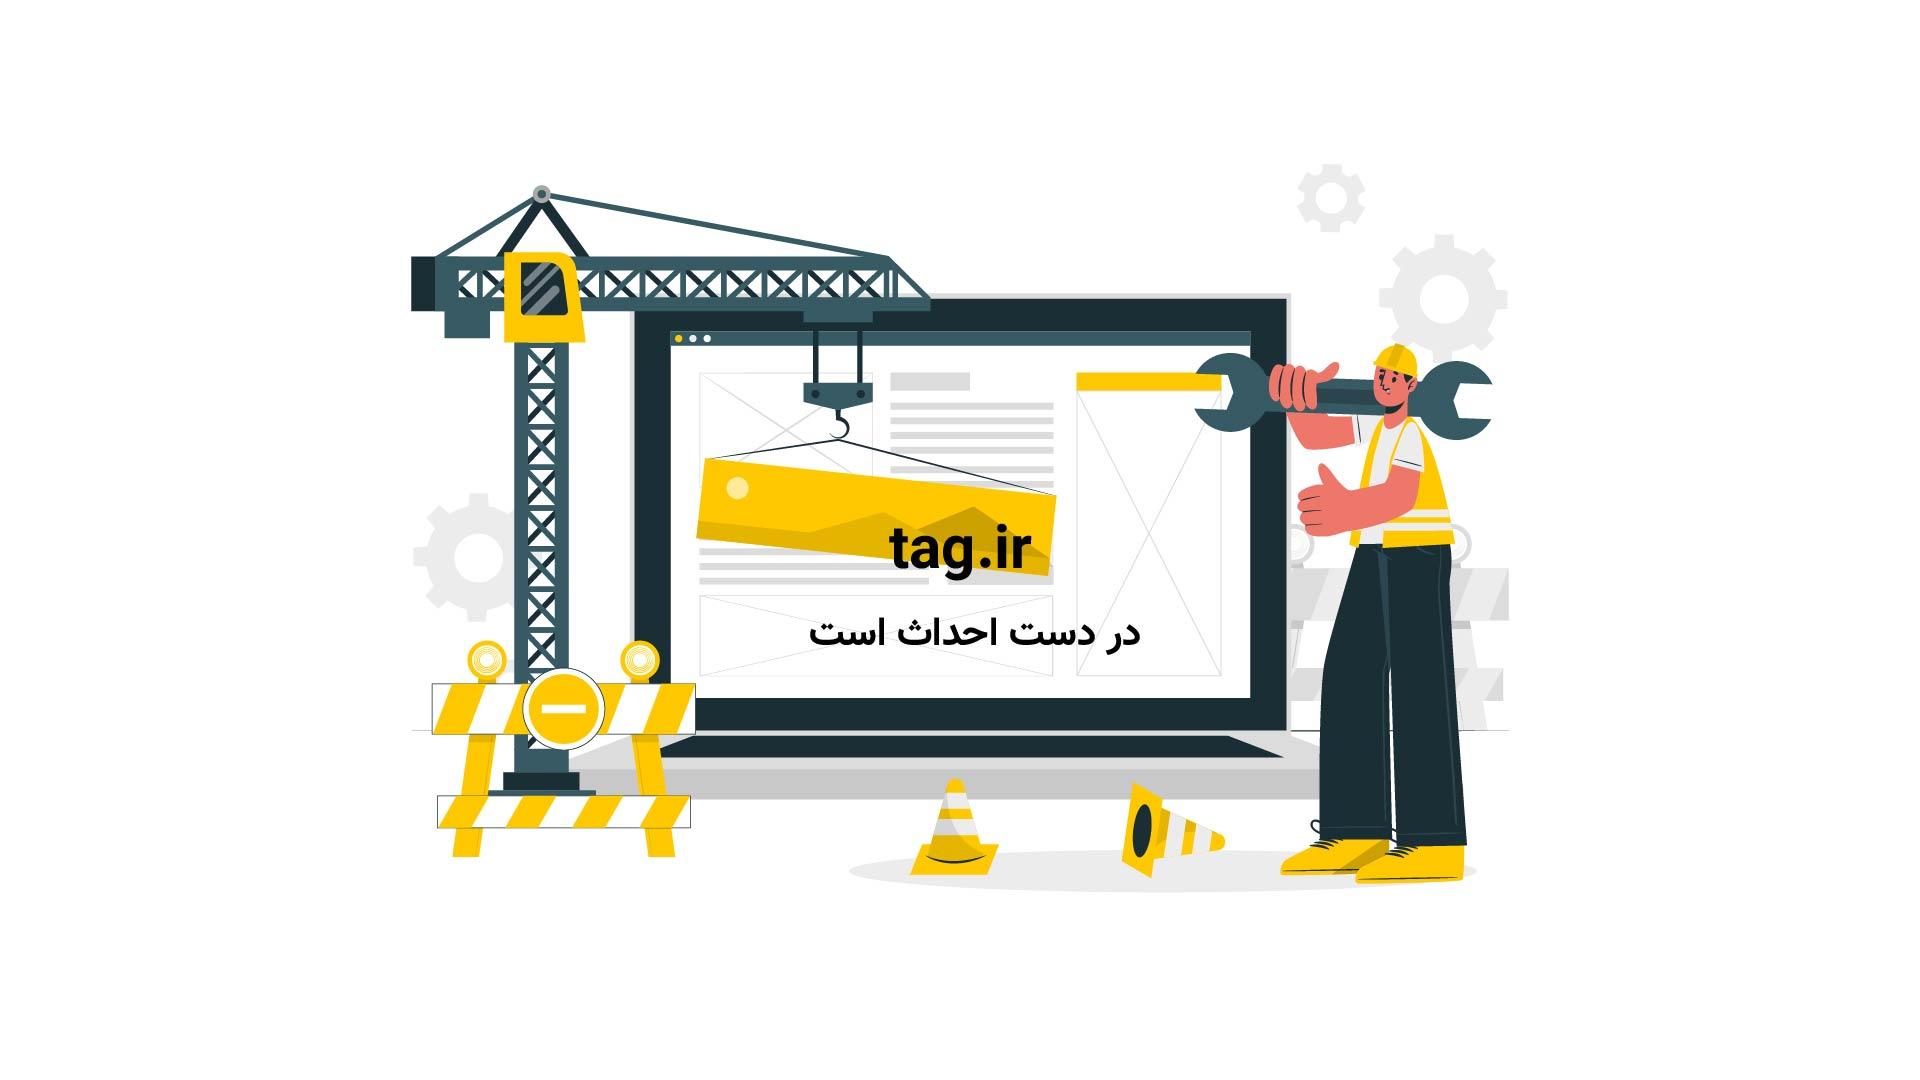 دفاع جانانه قورباغه نر شیشهای از تخمها   فیلم